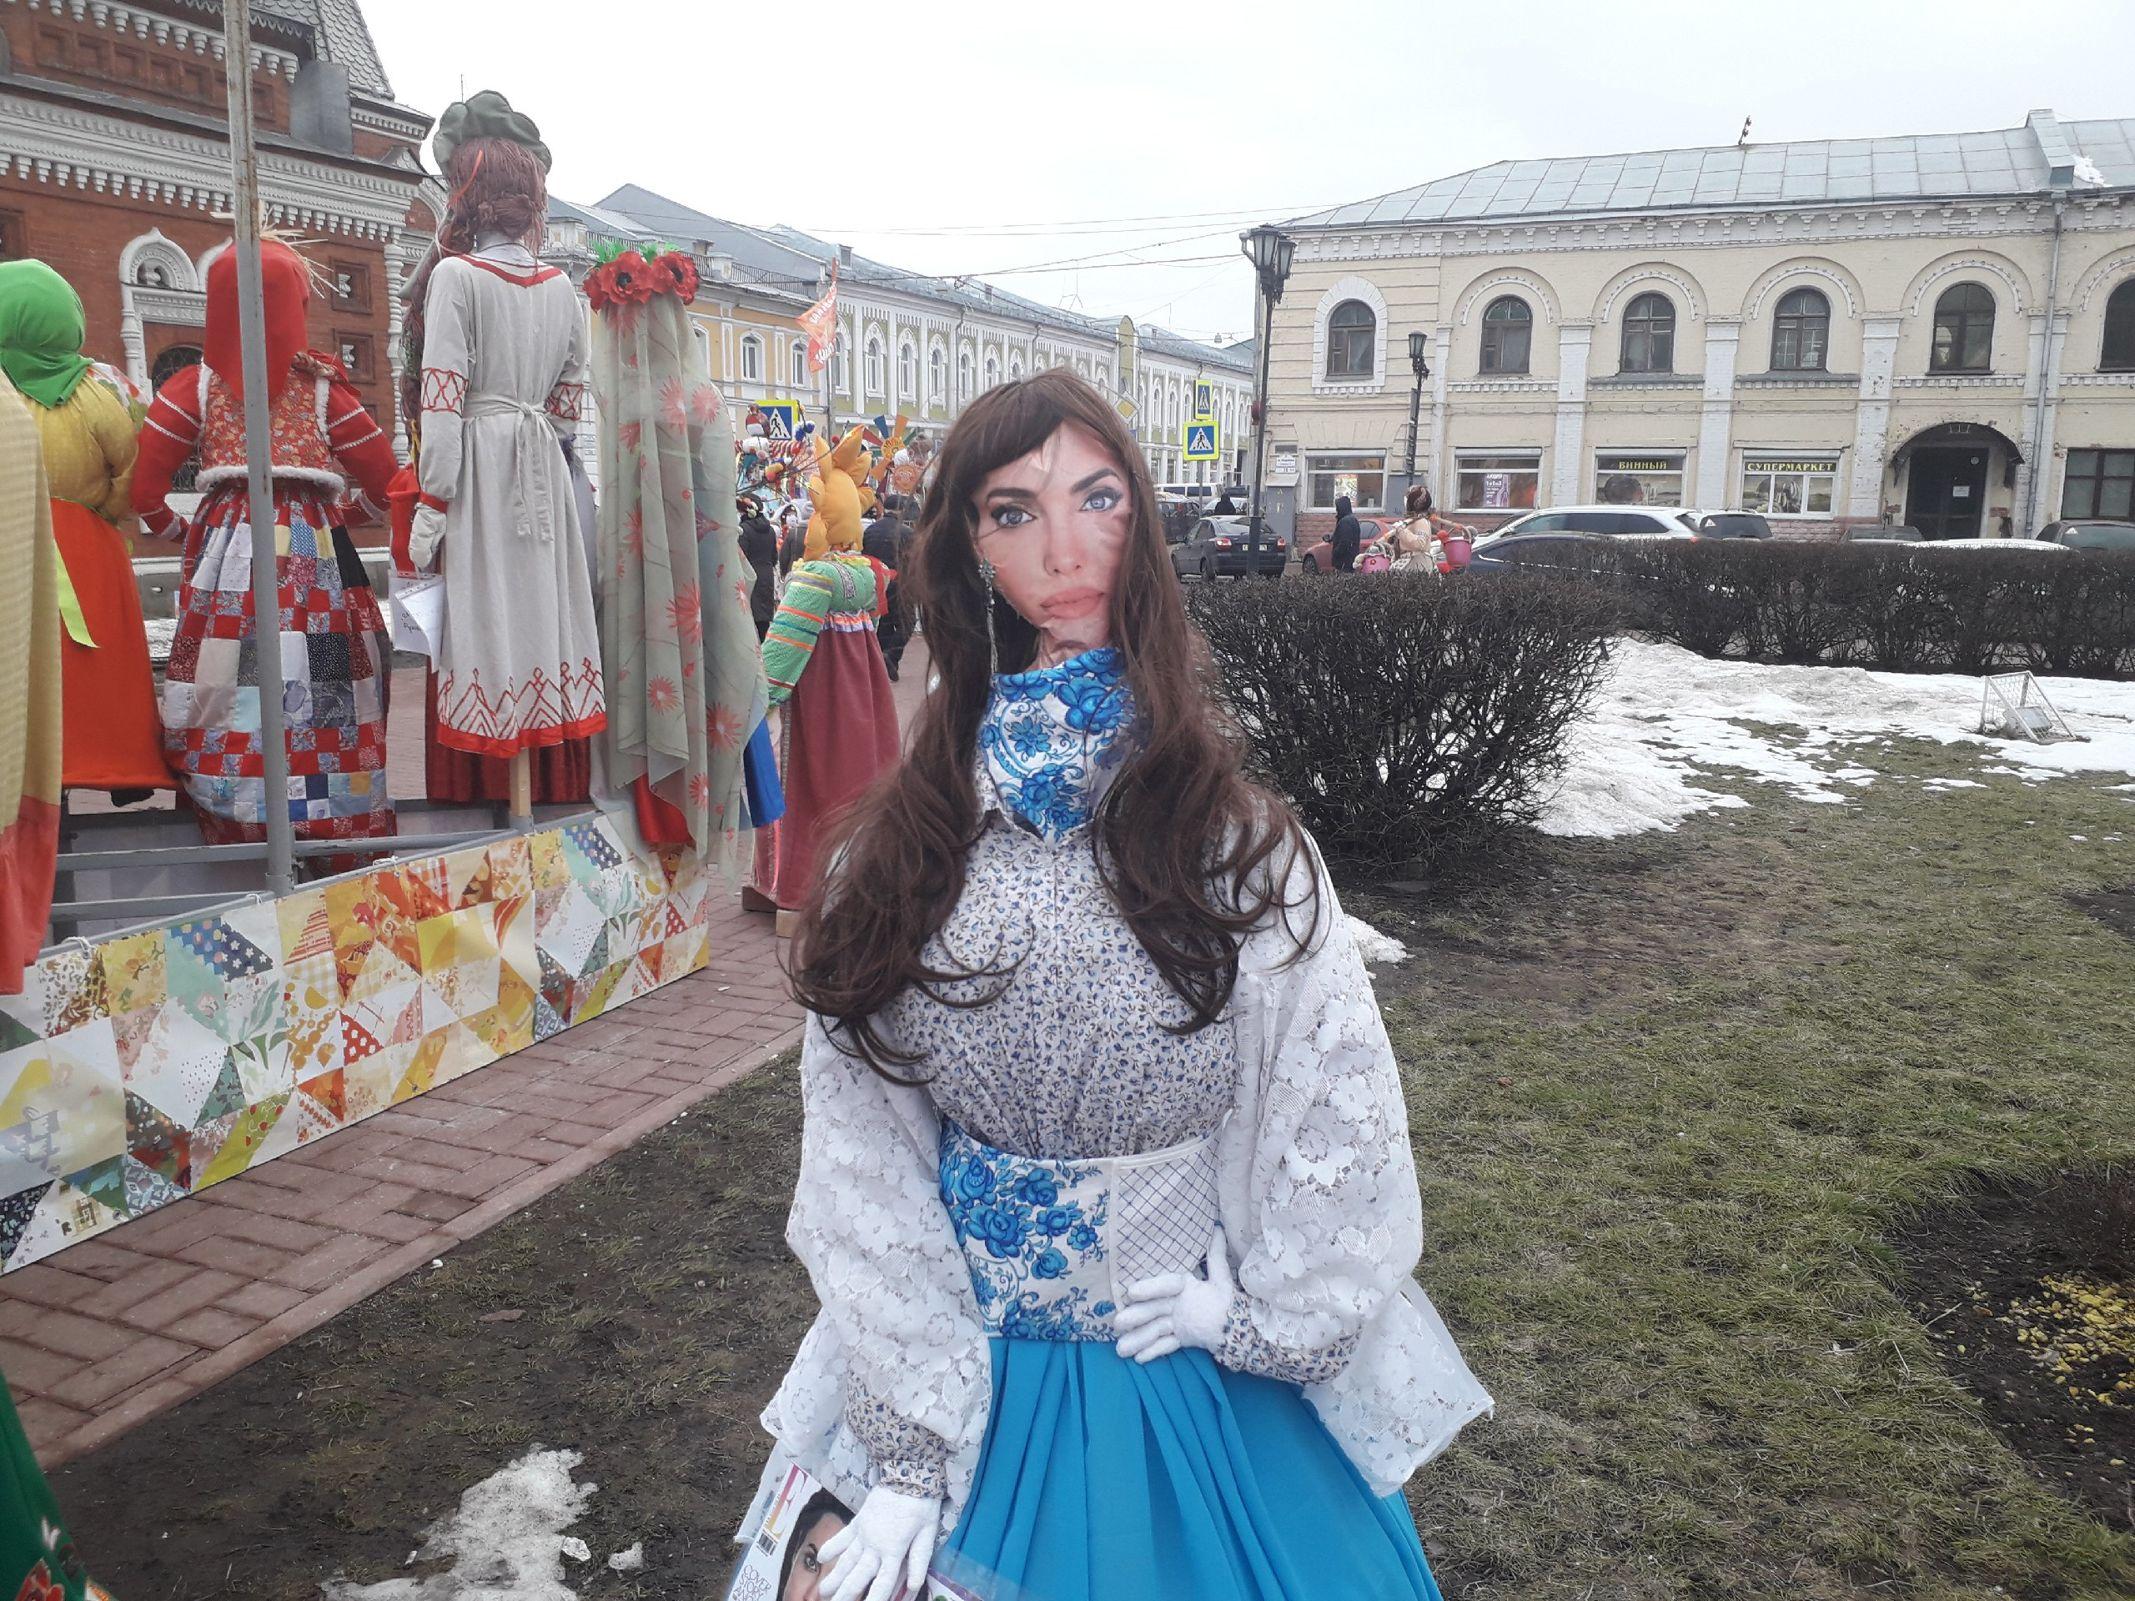 Джоли, модница-сковородница и женишок: фоторепортаж с выставки масленичных кукол в Ярославле